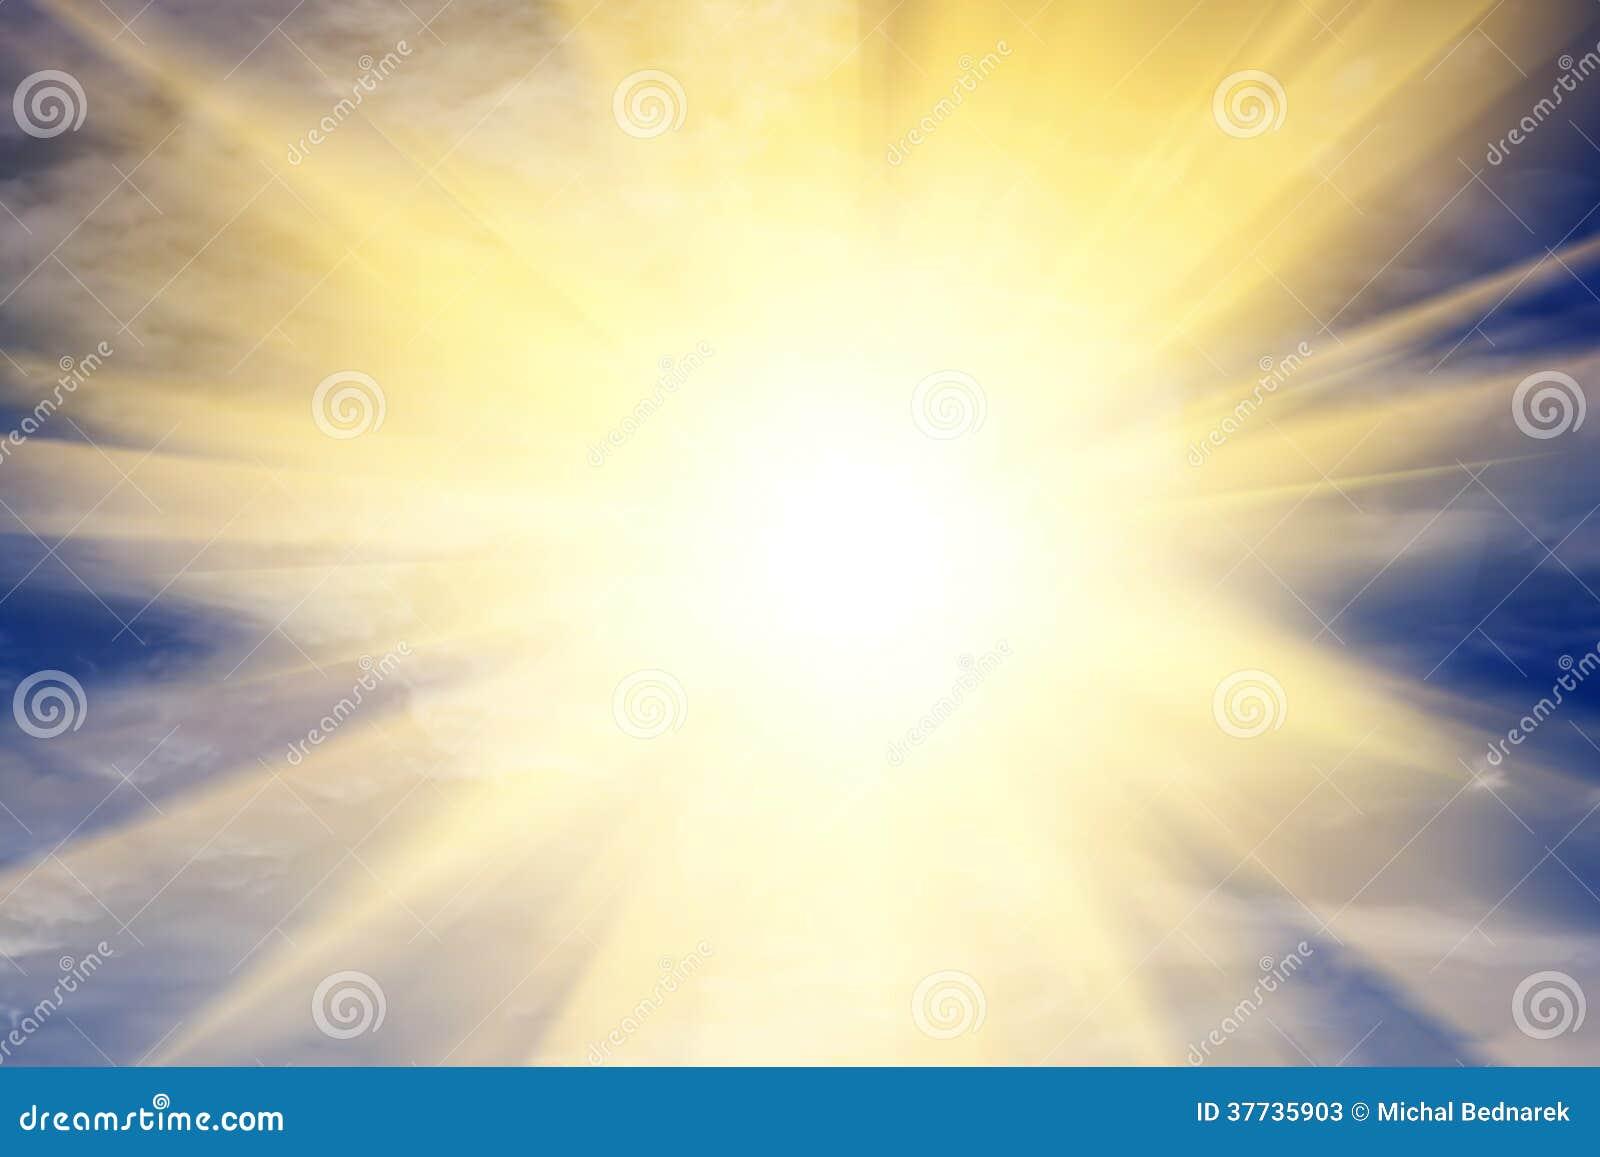 Explosion de lumière vers le ciel, le soleil. Religion